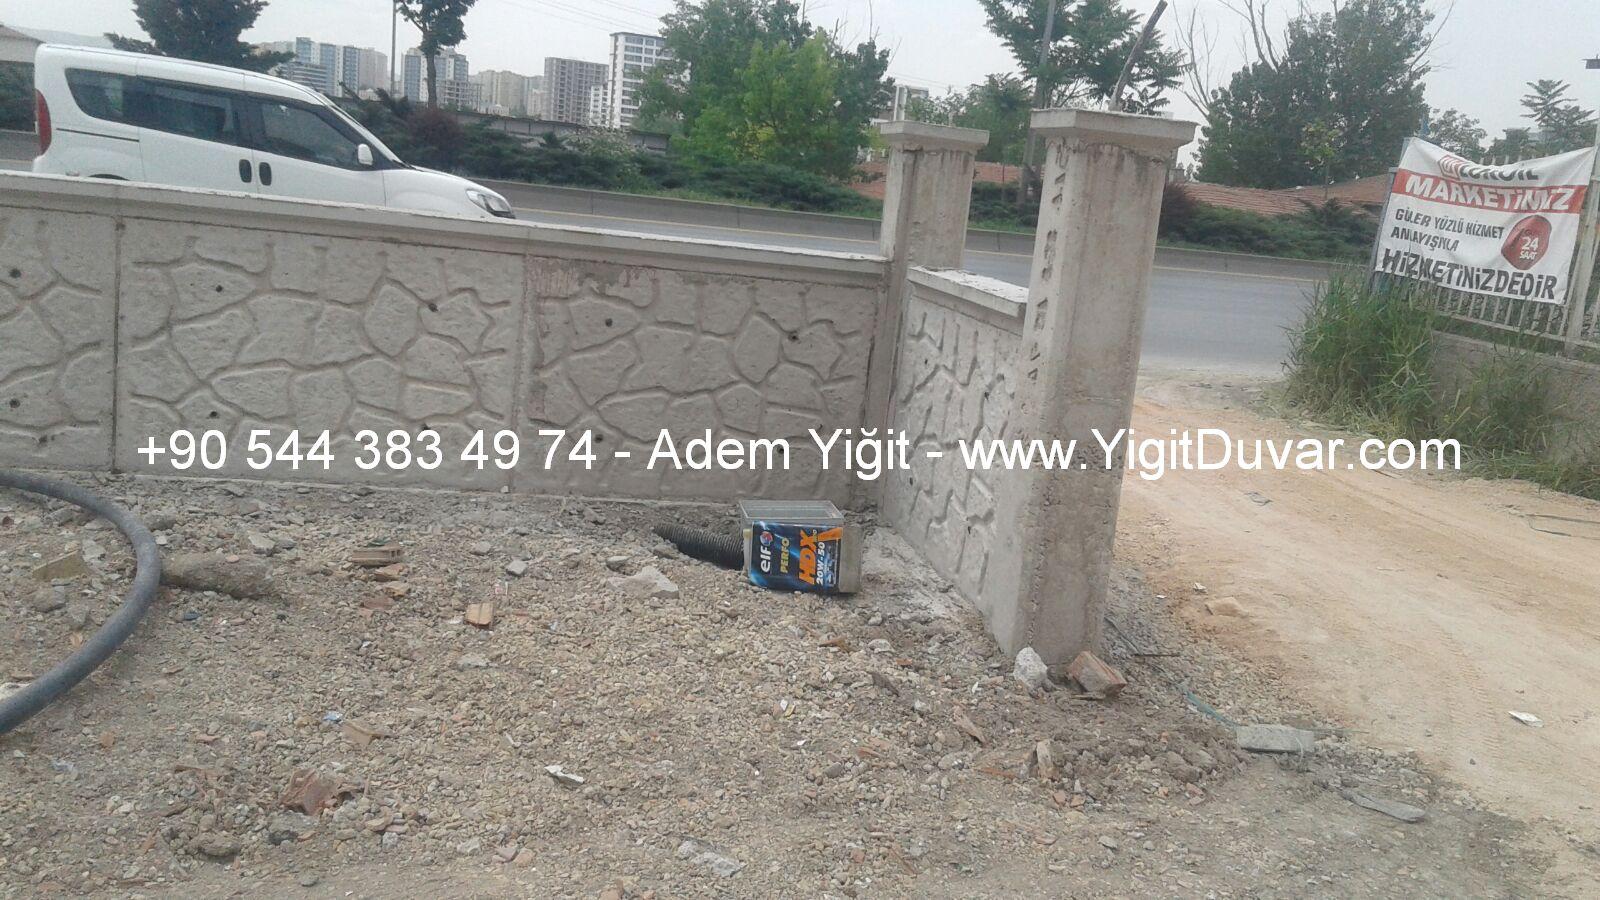 Ankara-duvar-ustasi-IMG-20180524-WA0095